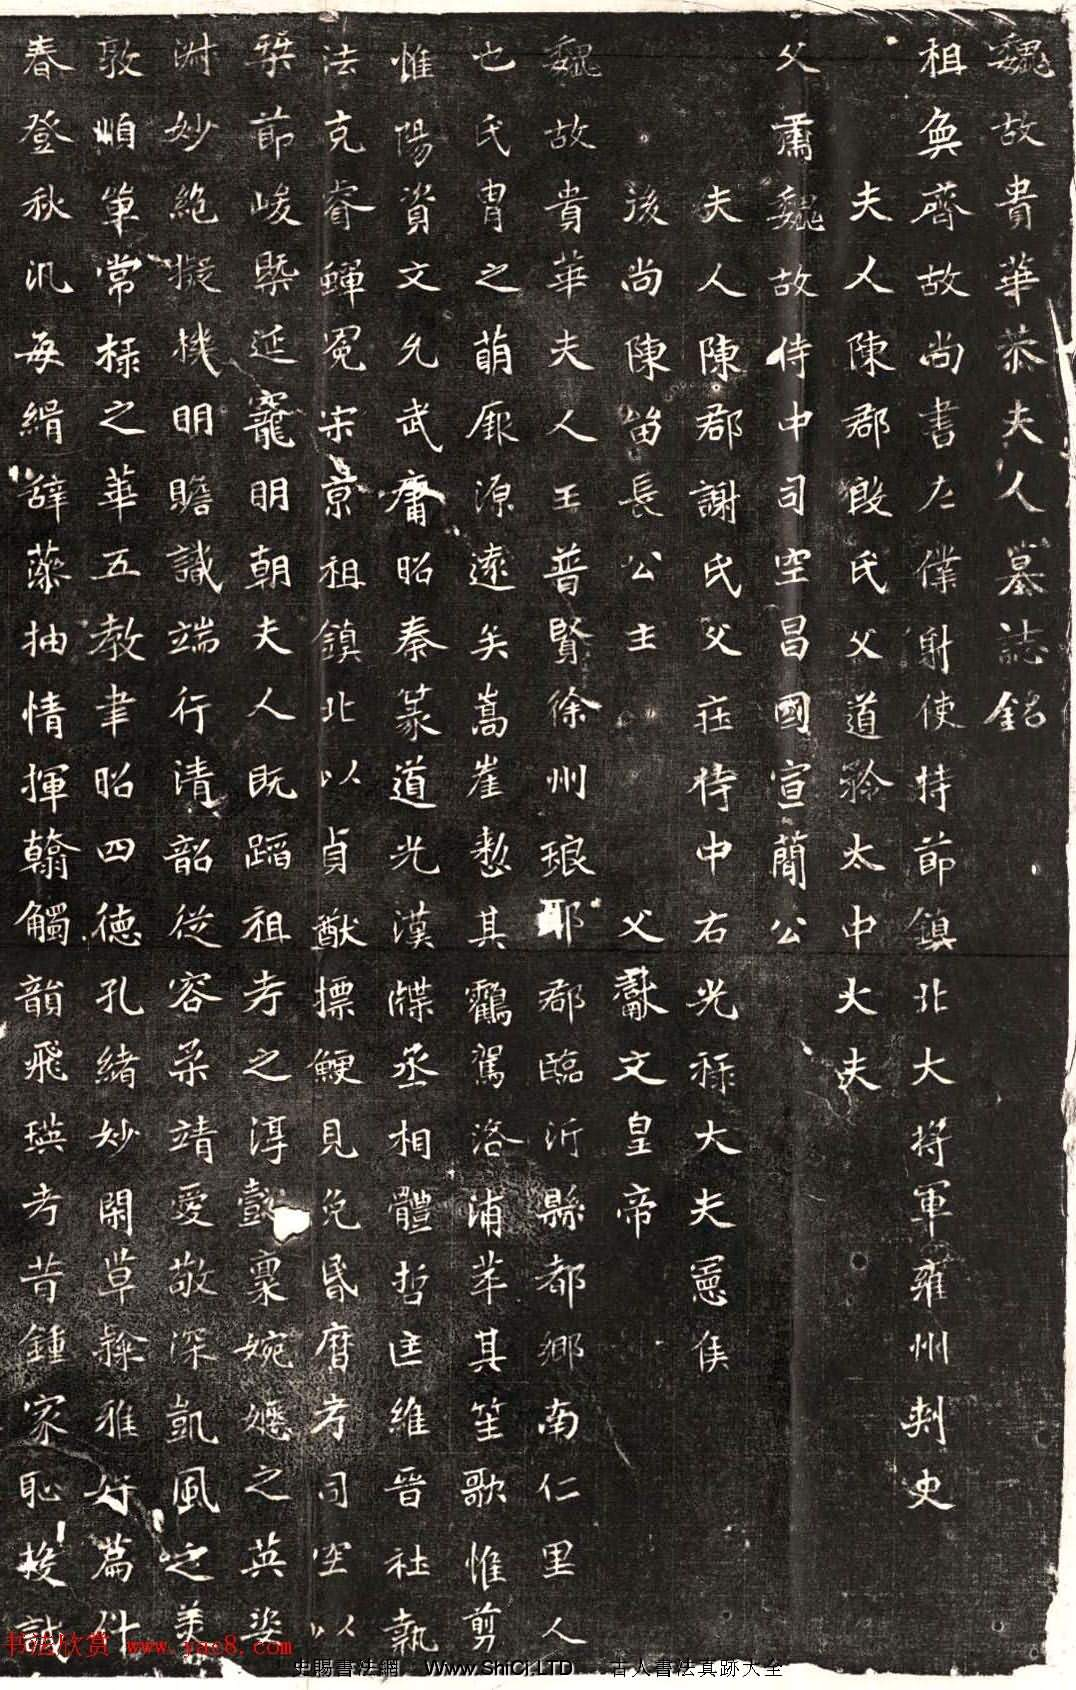 北魏書法石刻《元恪貴華夫人王普賢墓誌》